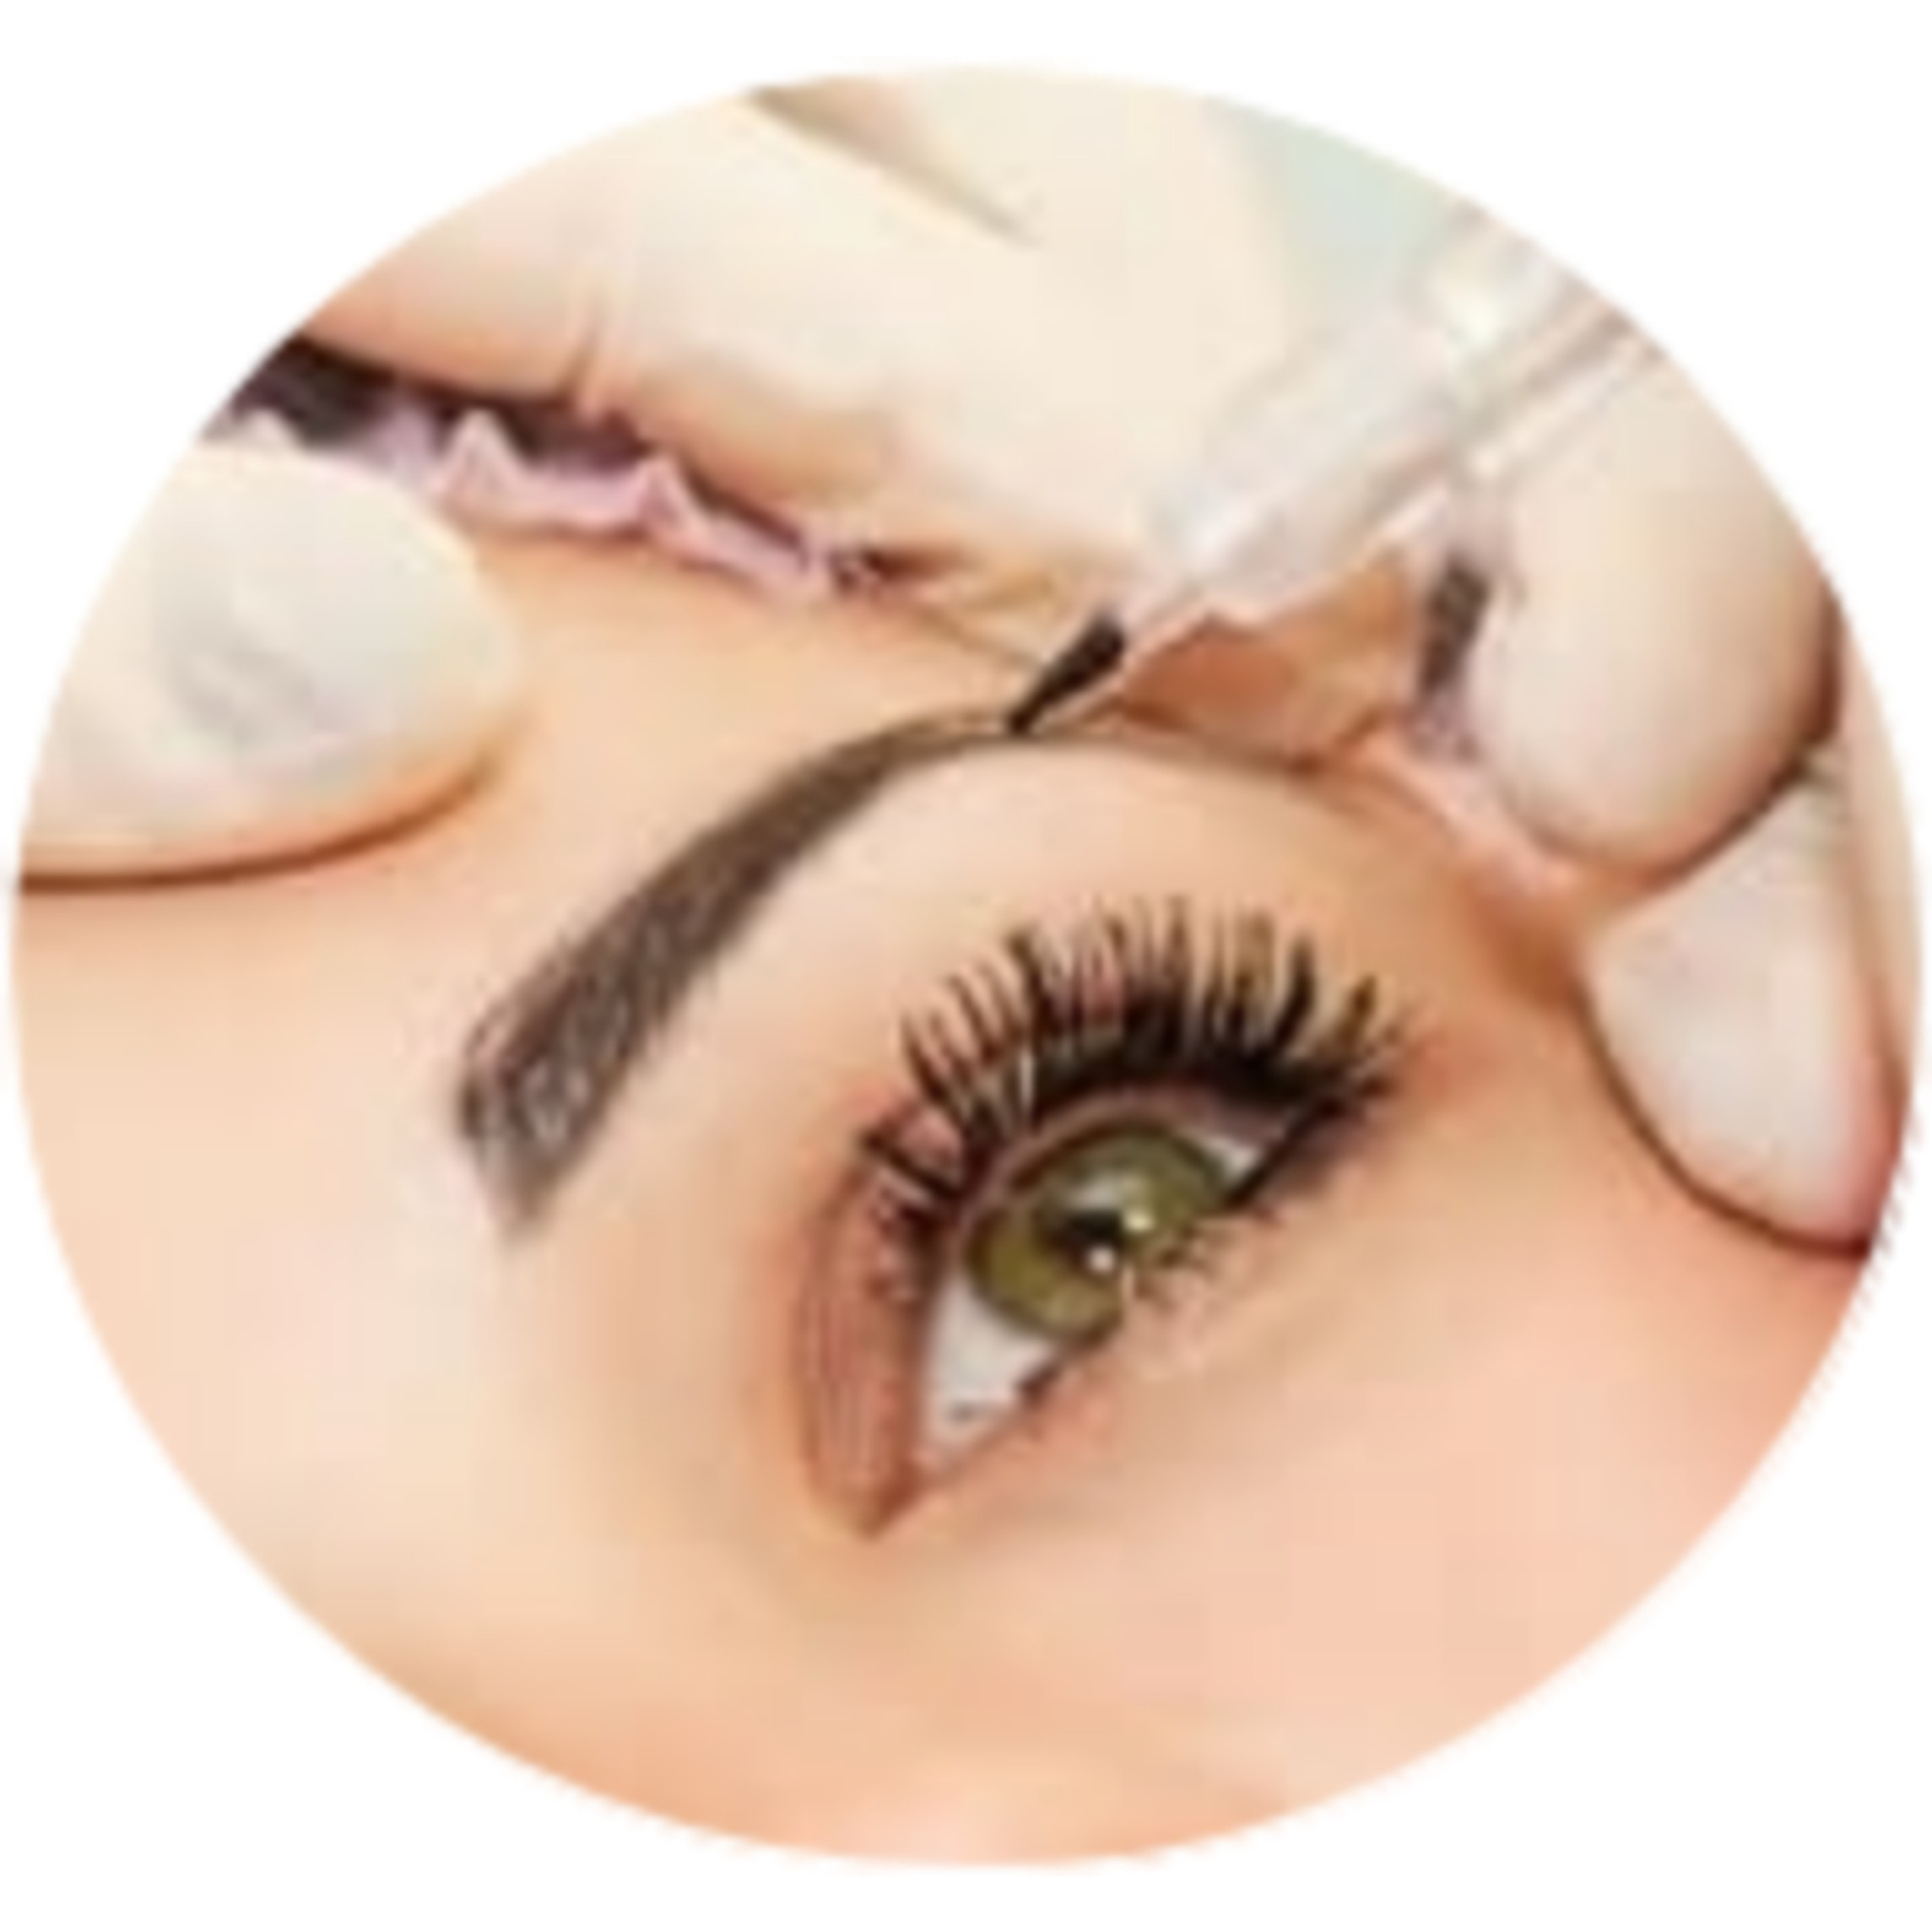 Эпидермальный макияж бровей(напыление)